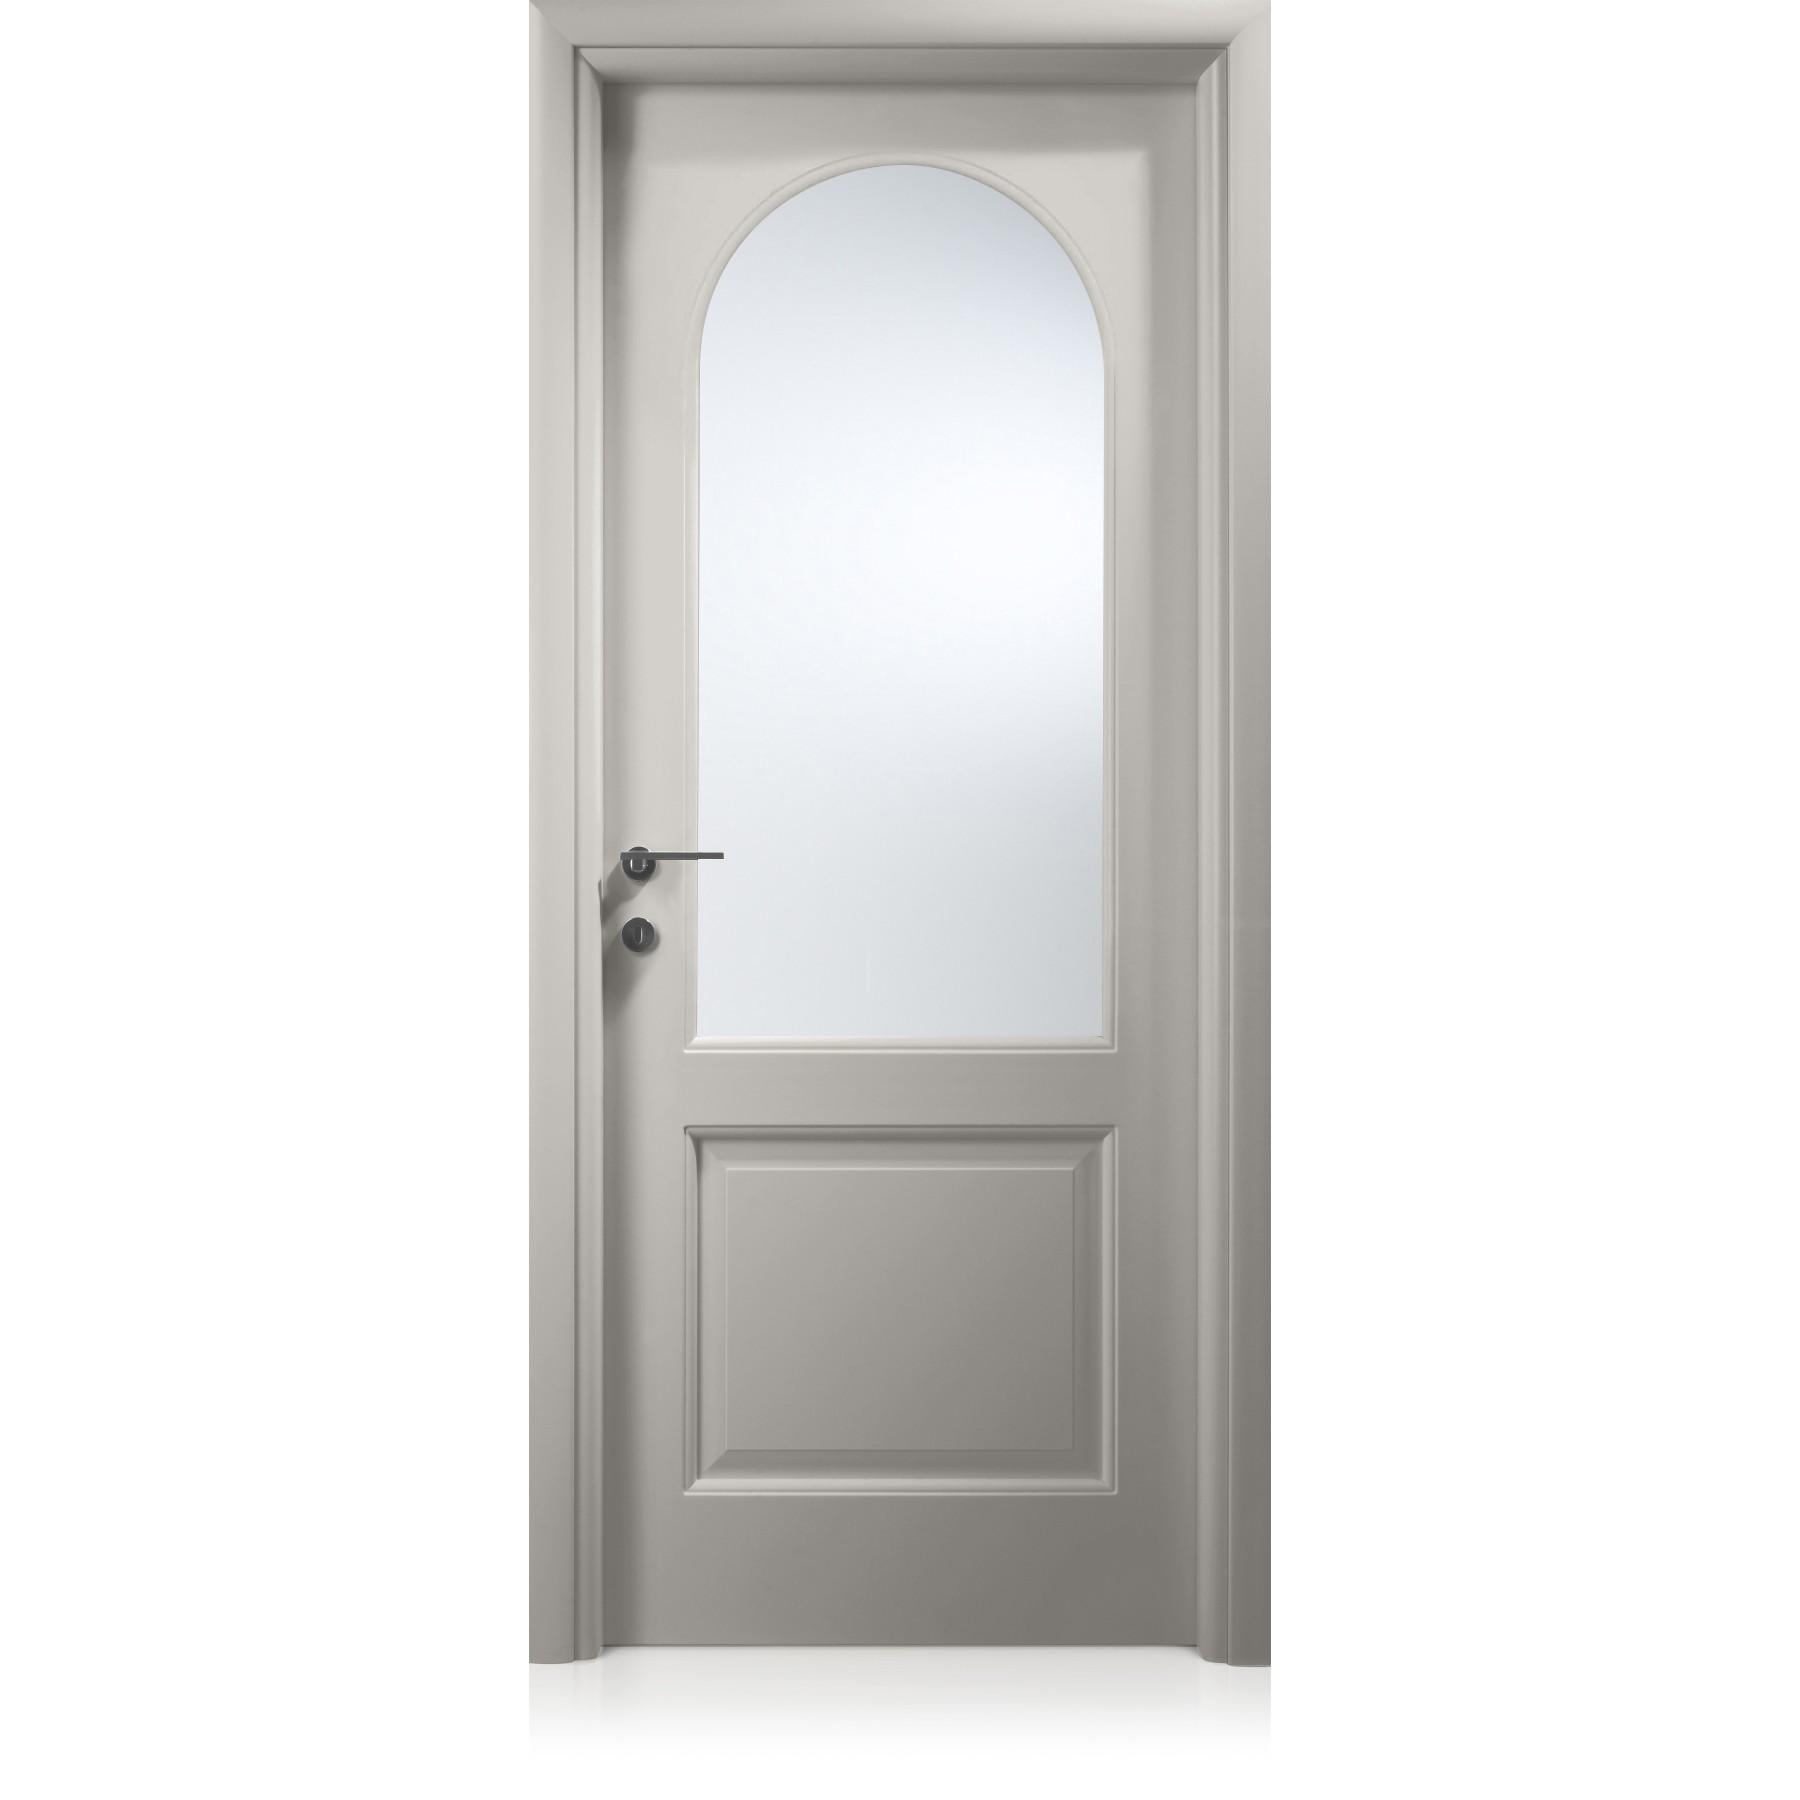 Epoca grigio lux door